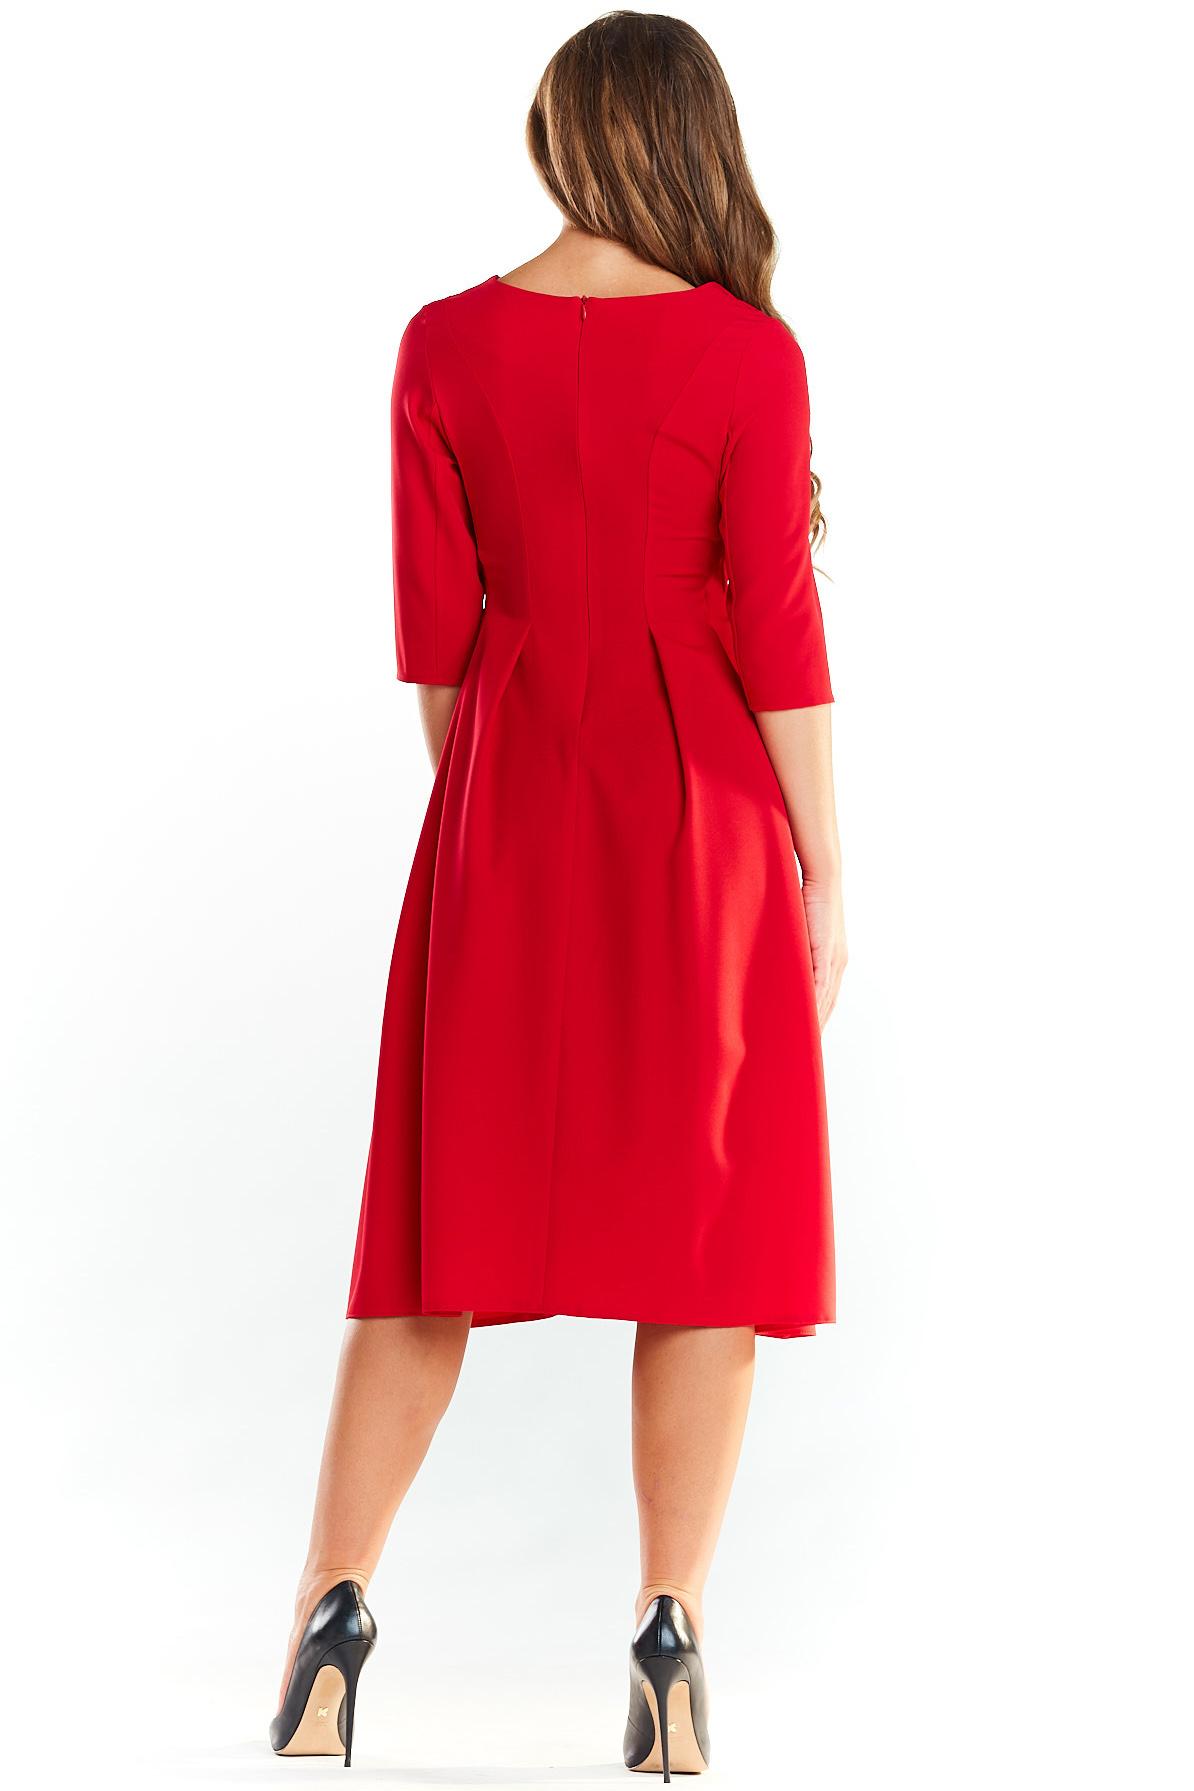 CM4040 Rozkloszowana sukienka midi z rękawem 1/2 - czerwona